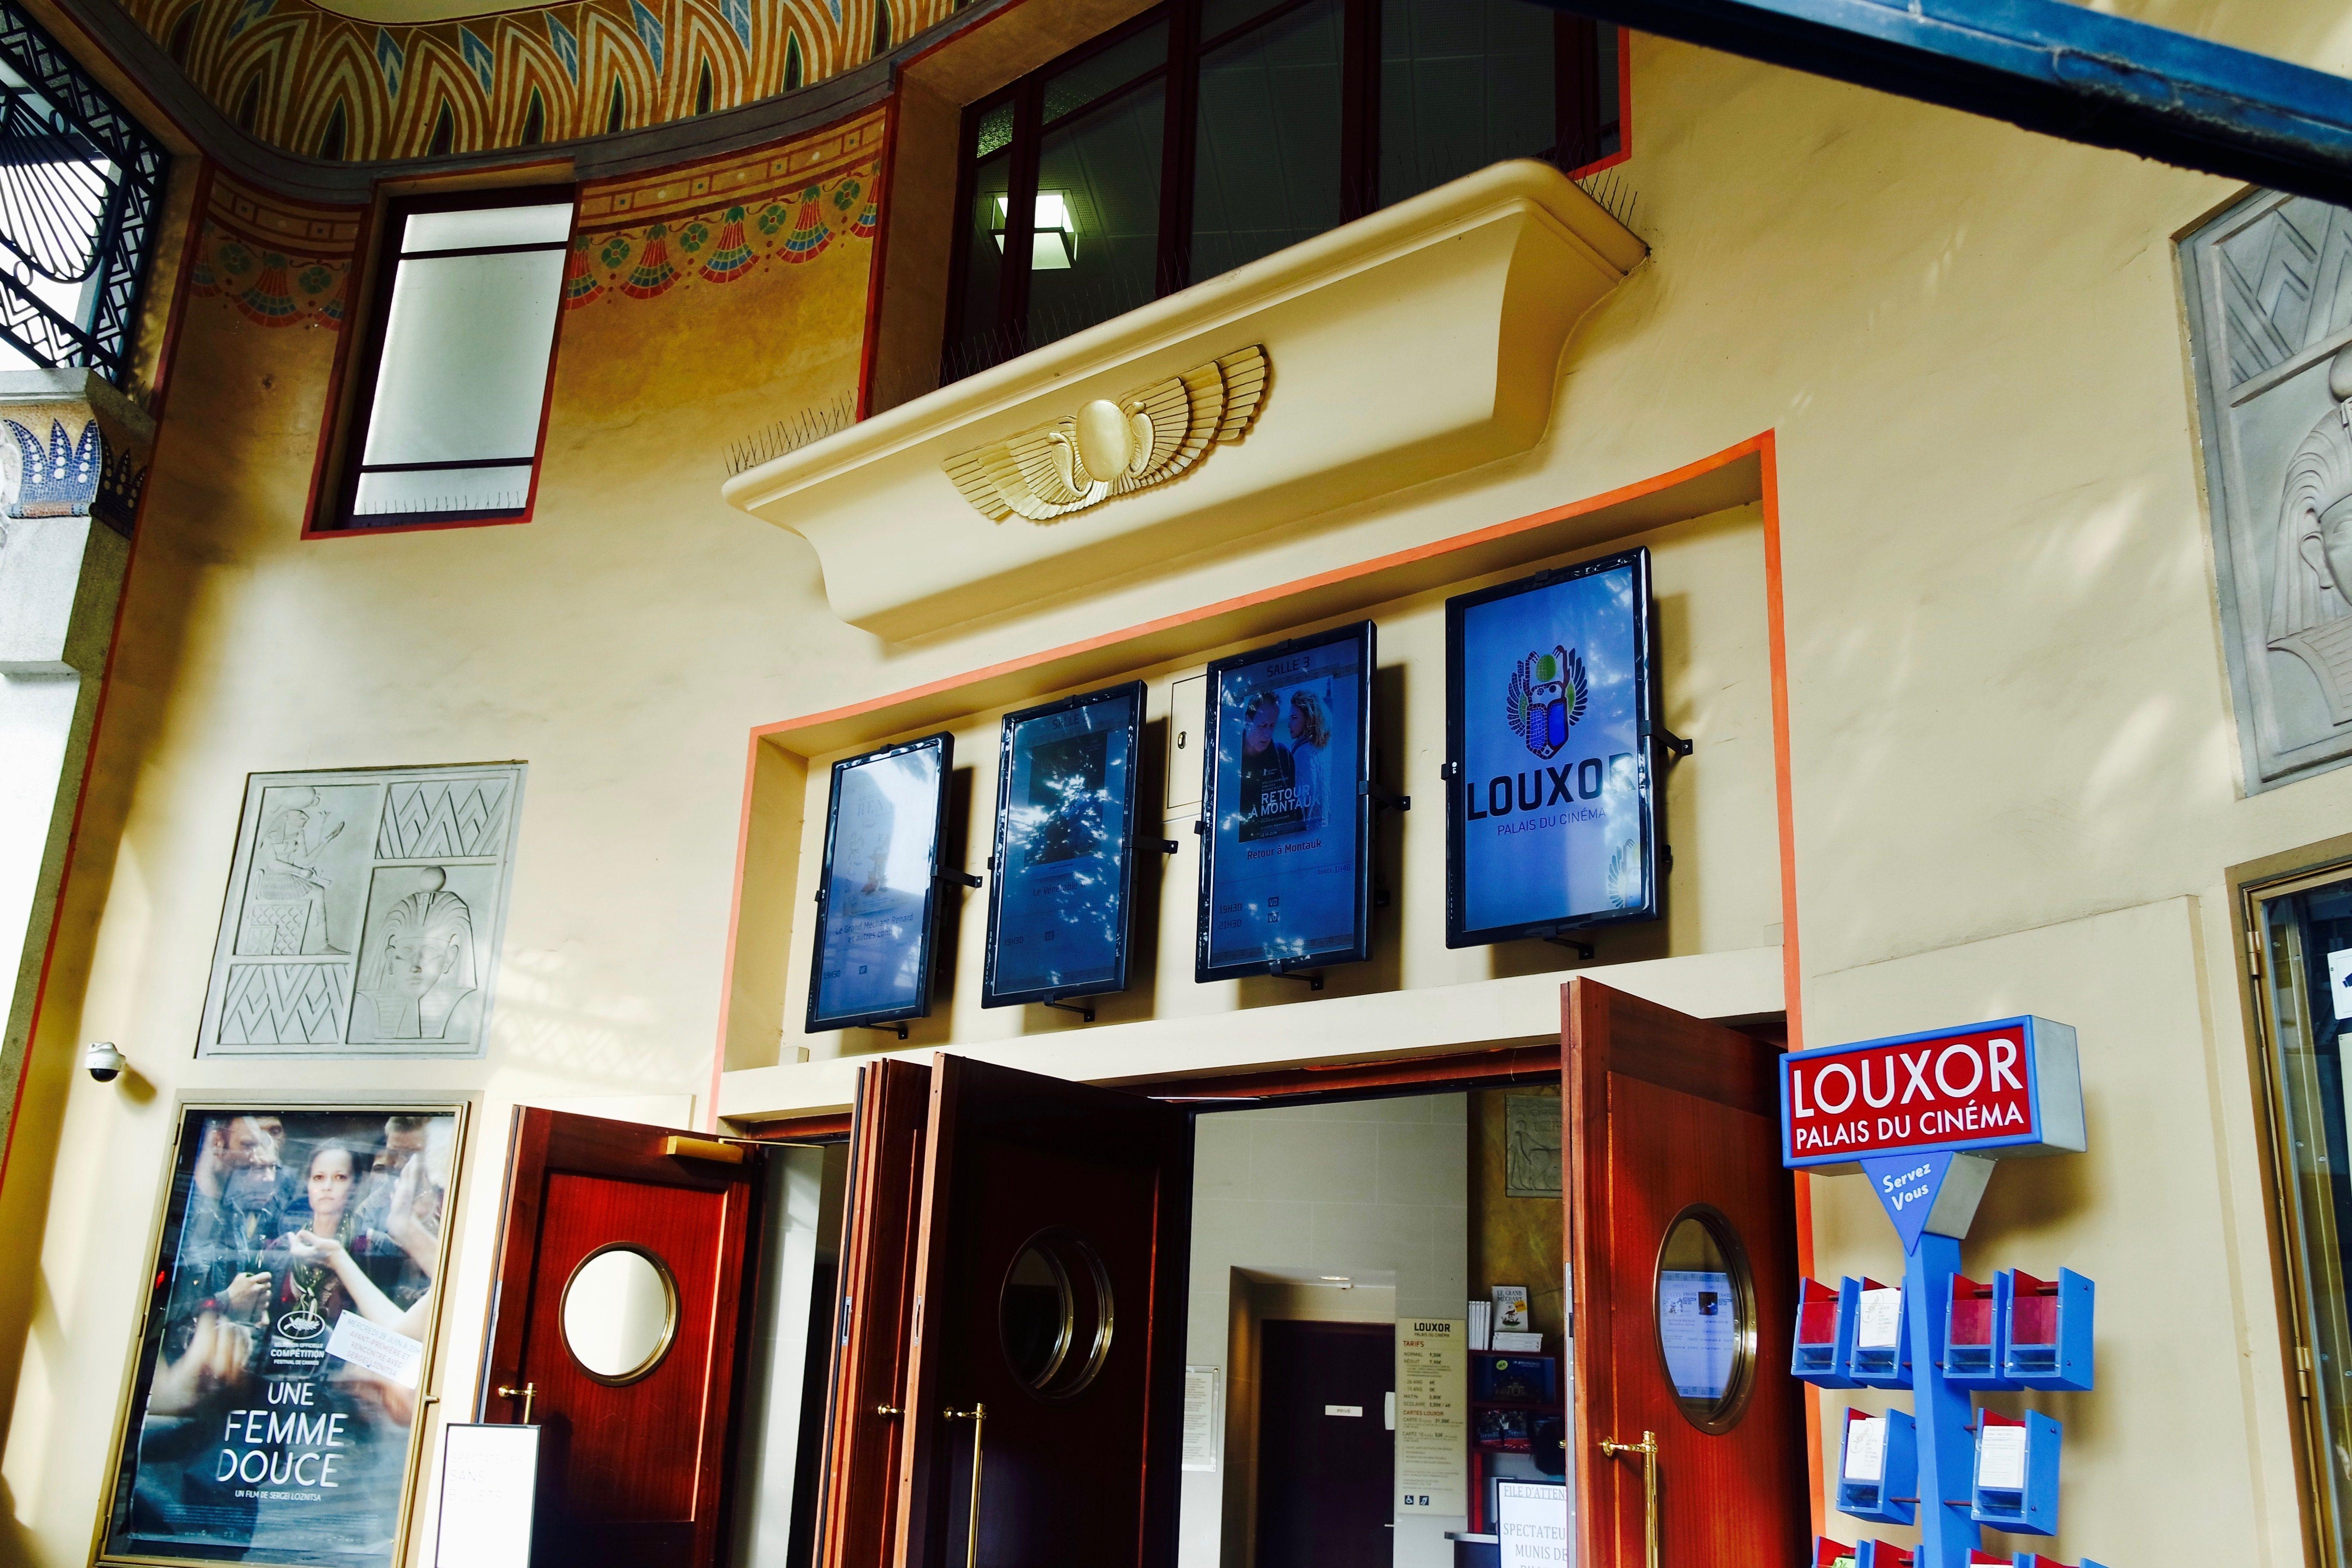 Le Louxor, temple de cinéma